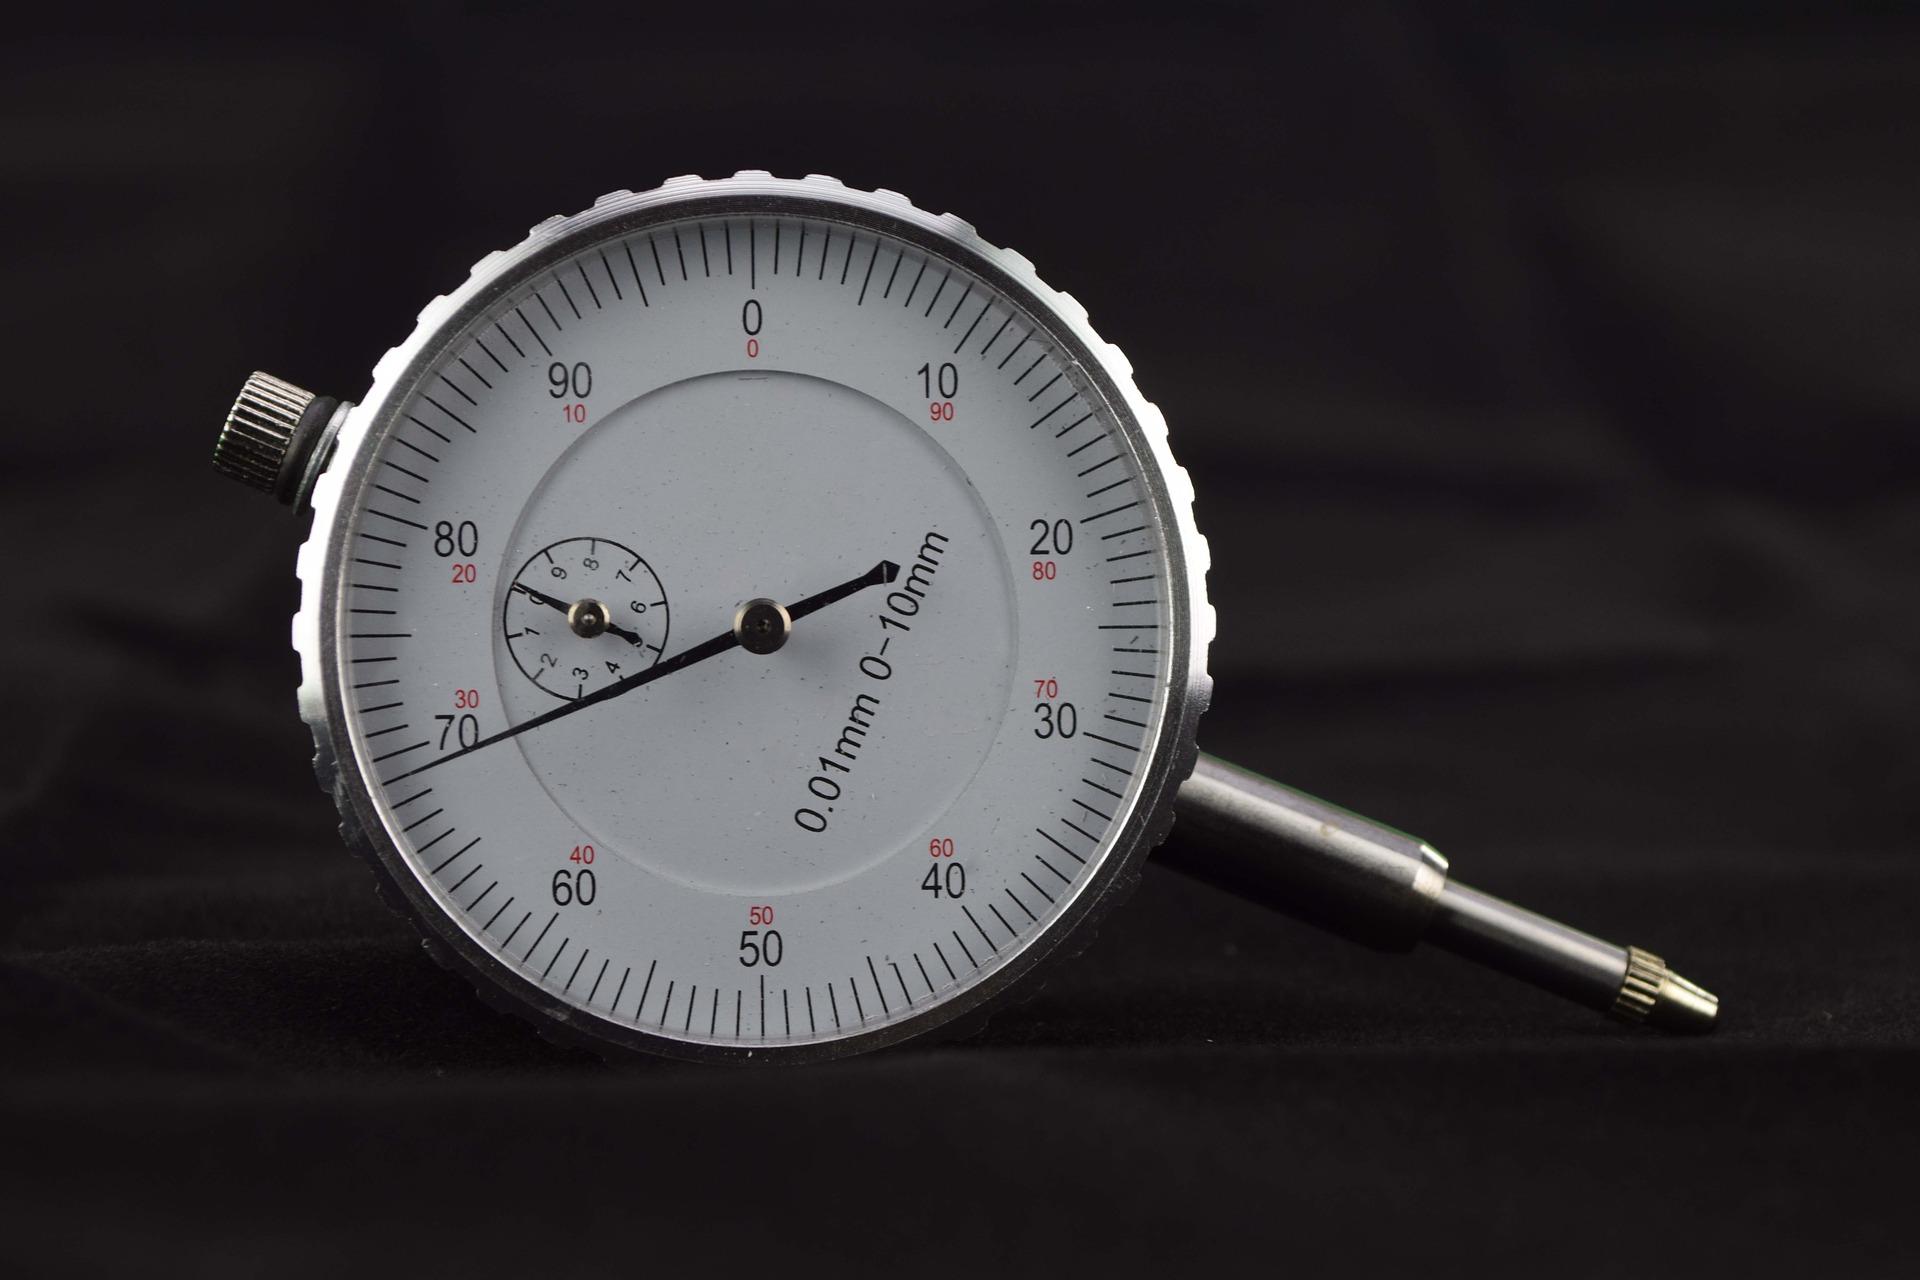 gauge-2542085_1920.jpg